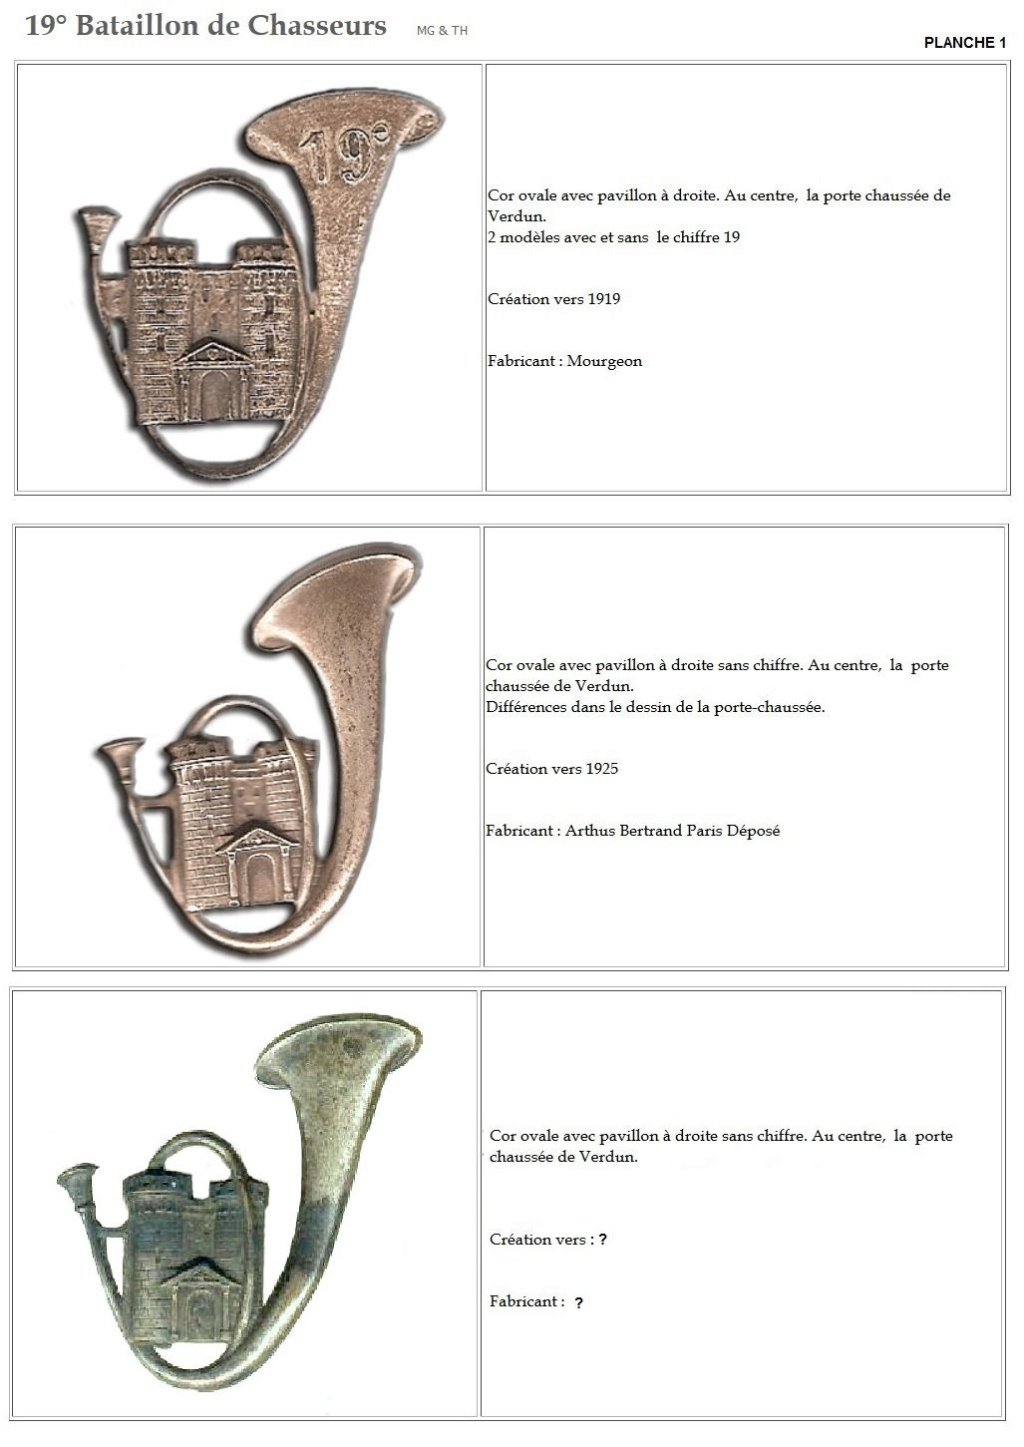 Les insignes de bataillons- Mise à jour... - Page 2 19e_pl10